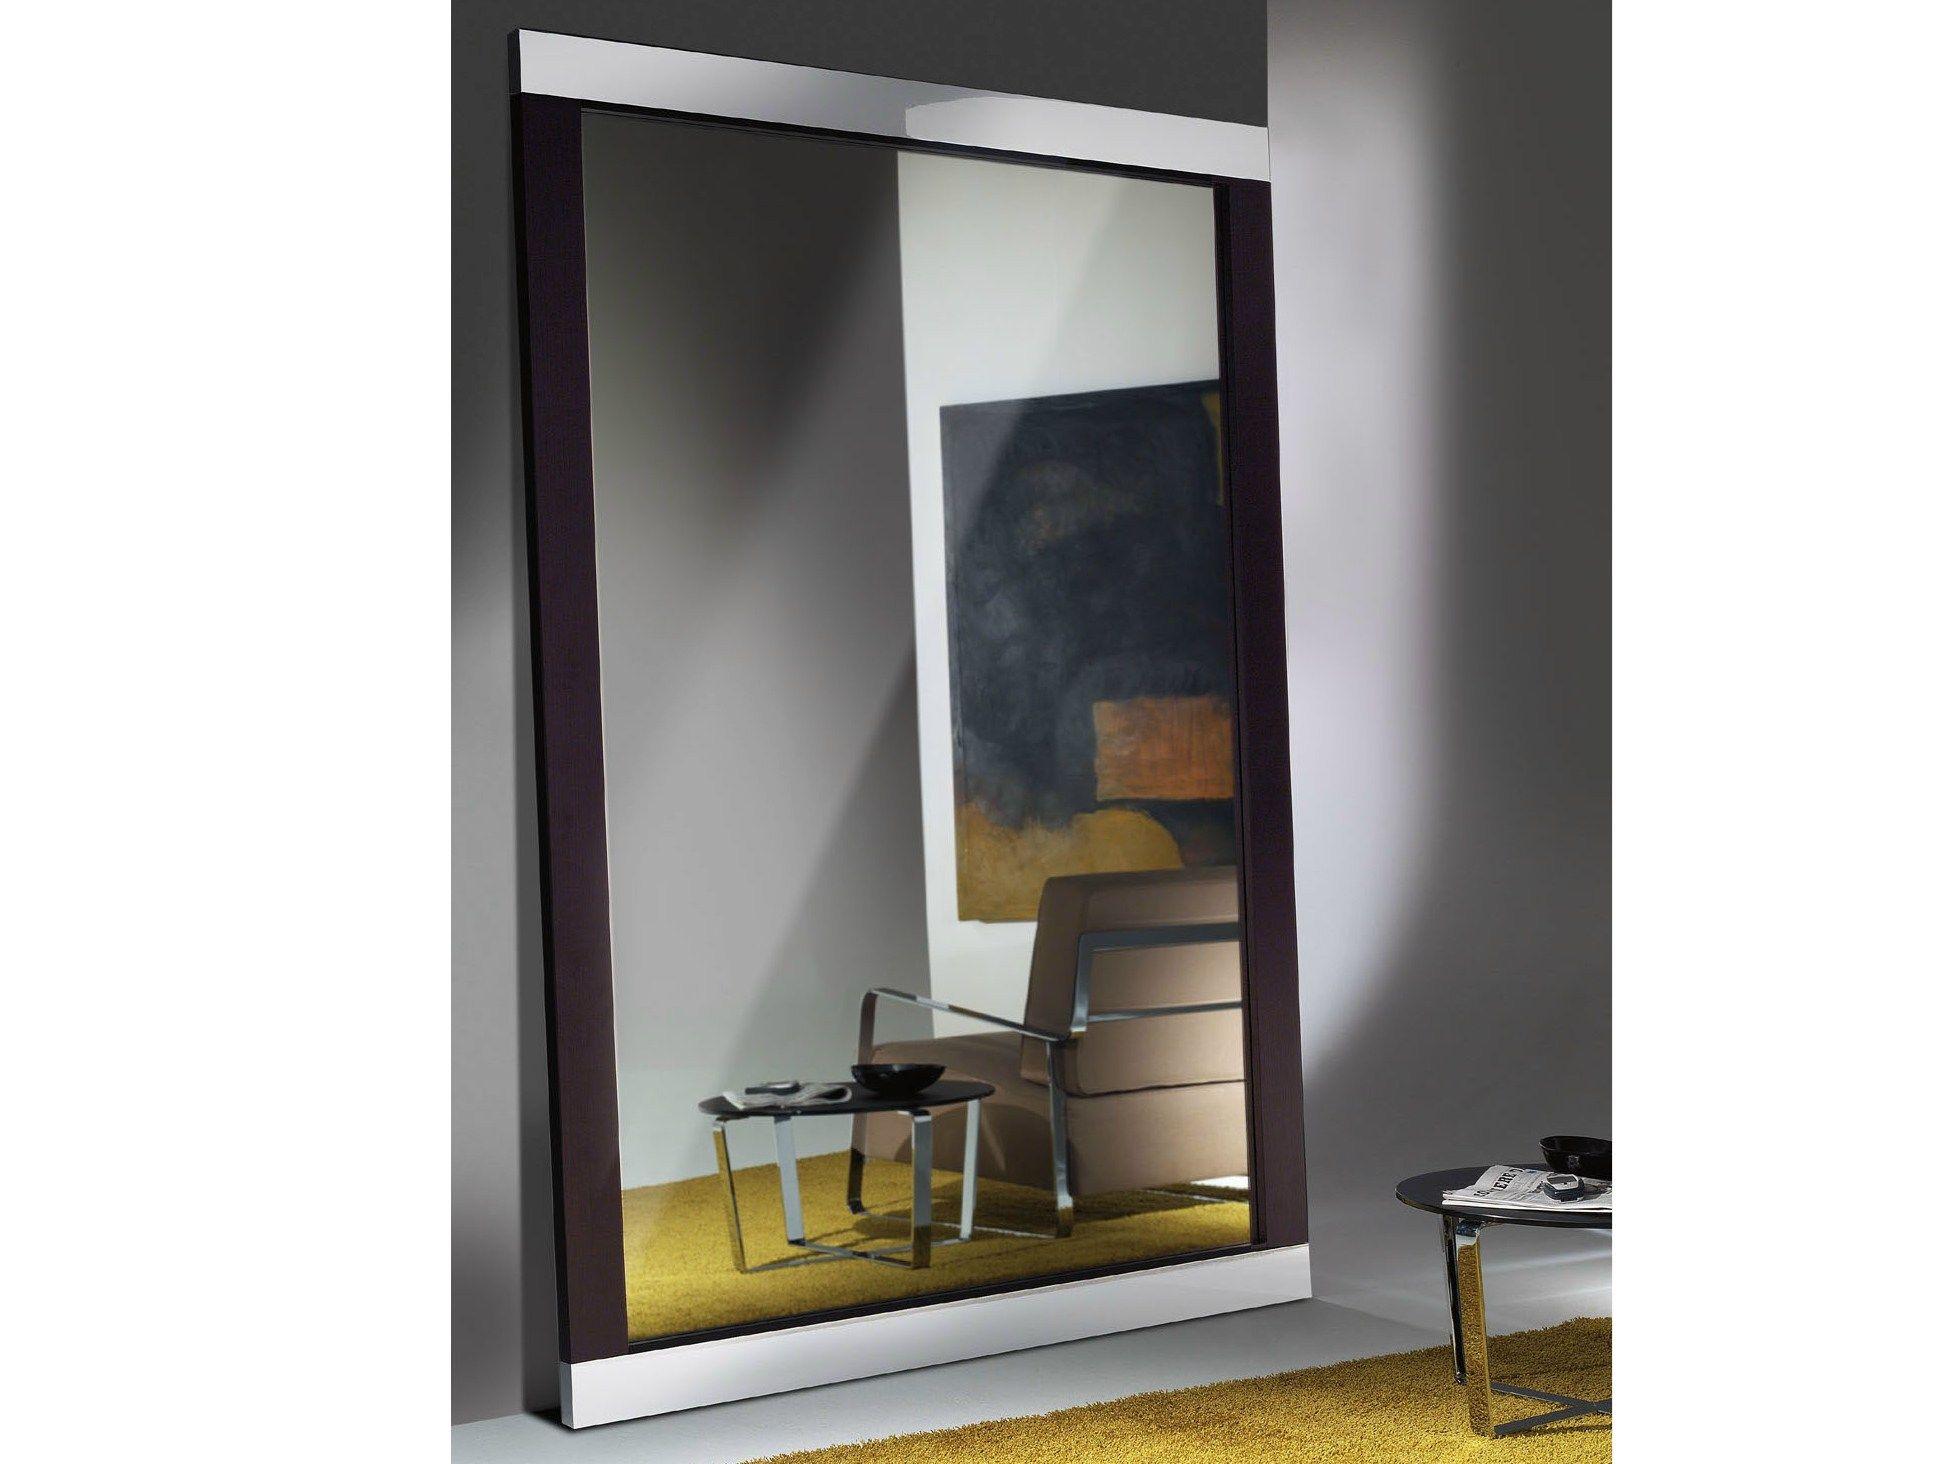 Specchio da terra rettangolare hadaka by f lli orsenigo for Specchio girevole da terra